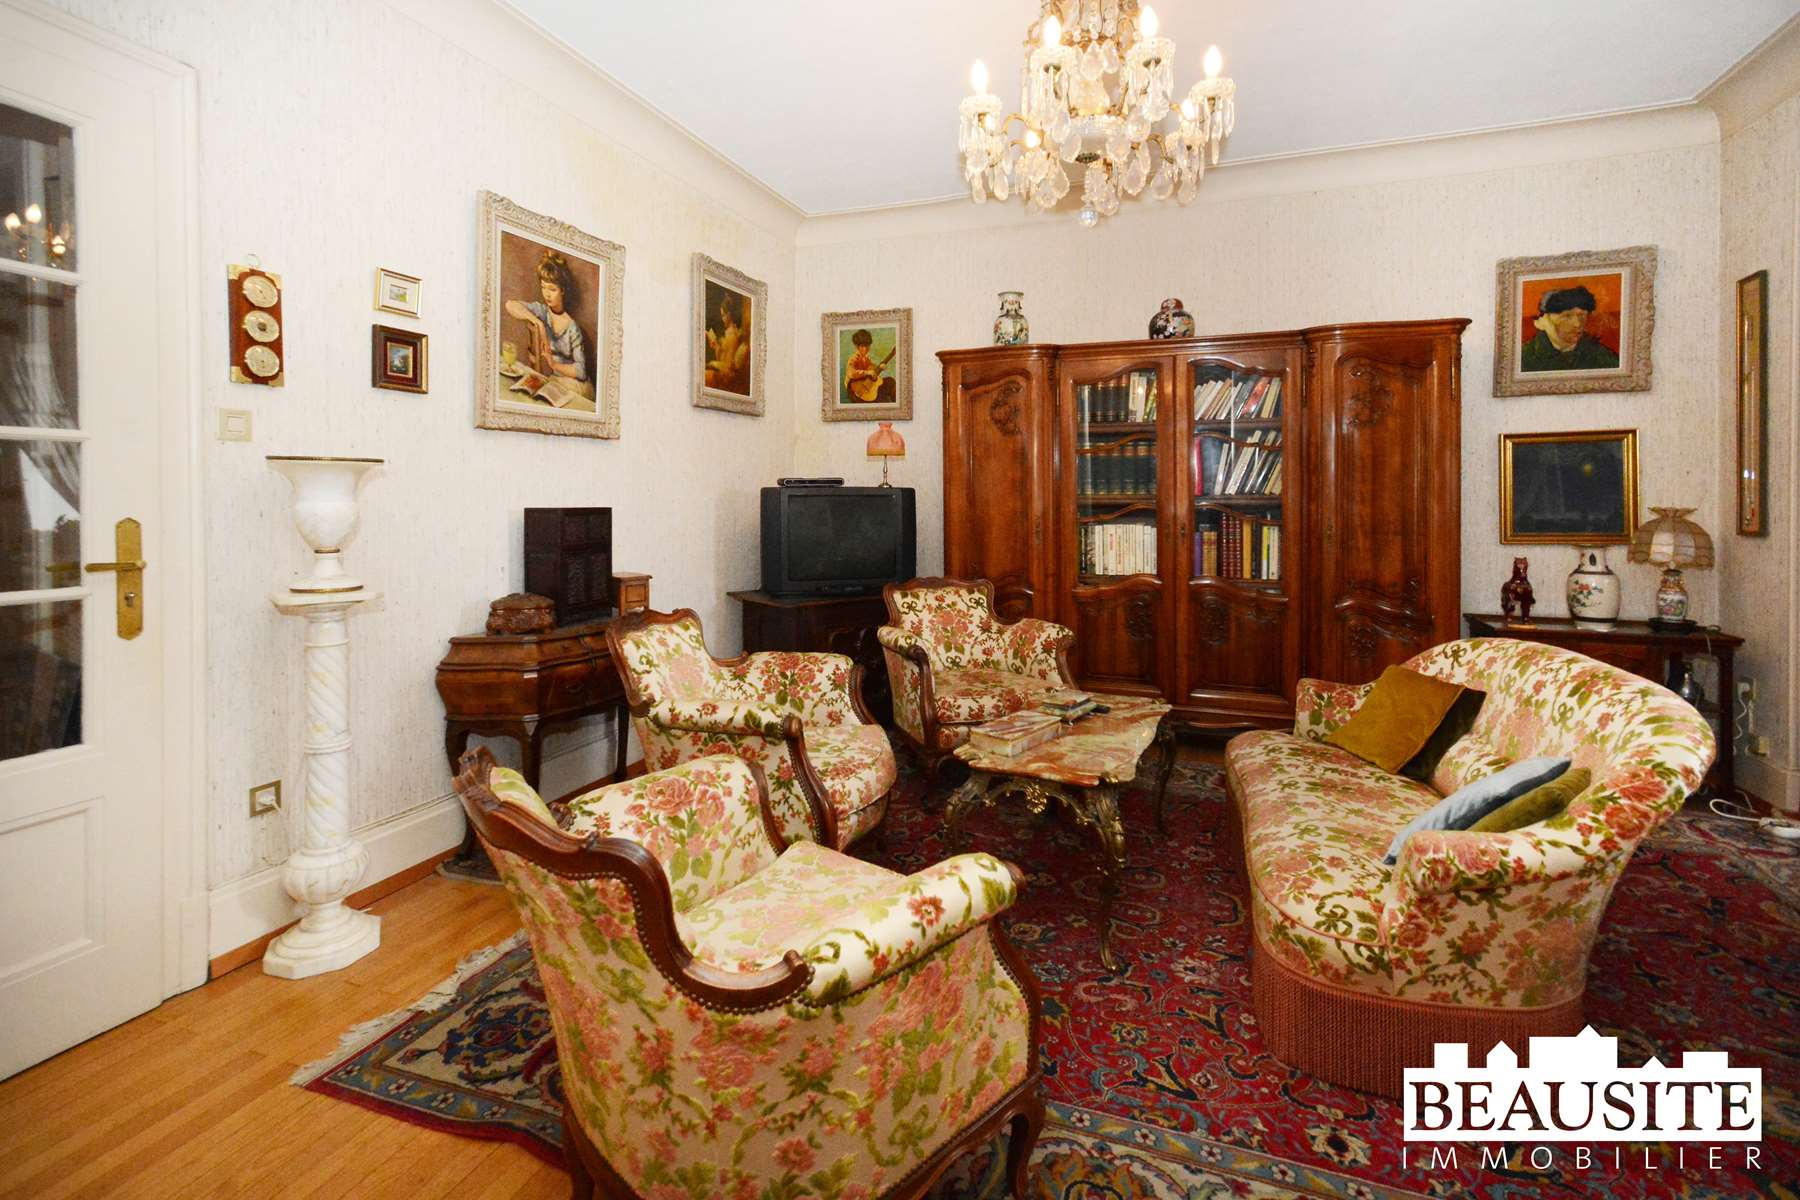 [La Duchesse] Un appartement royal dans un immeuble de caractère - Schiltigheim / Malteries - nos ventes - Beausite Immobilier 2